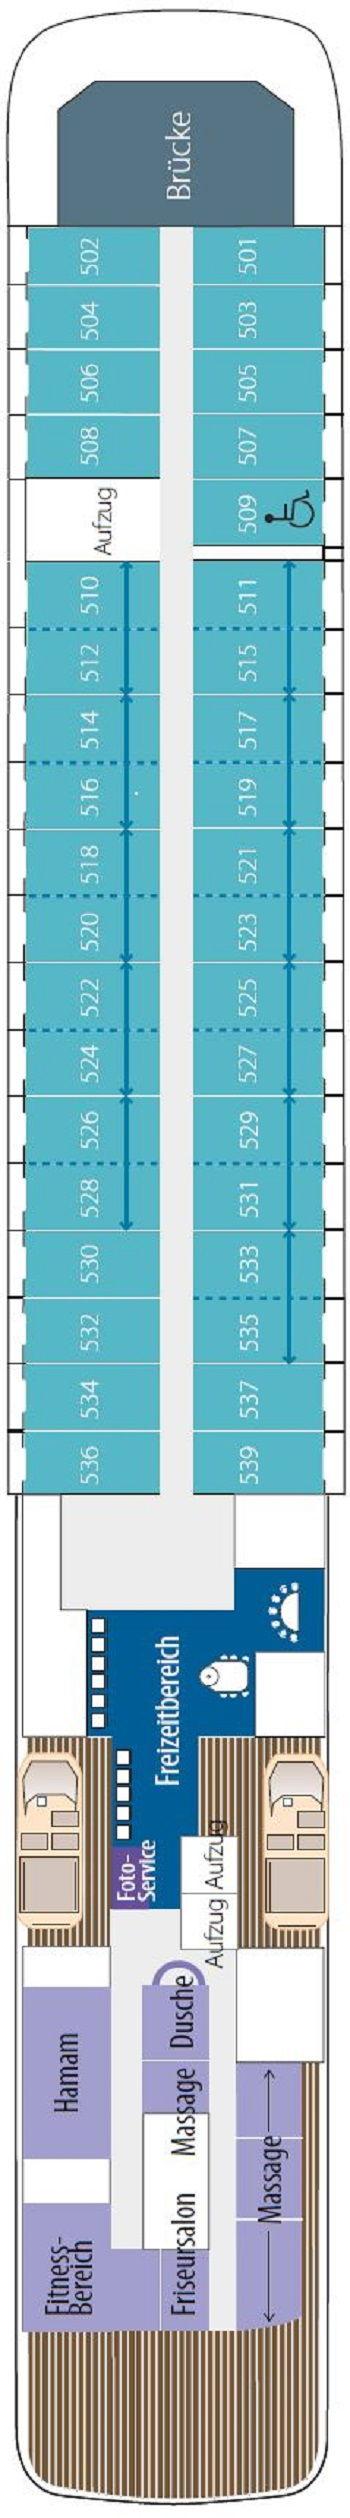 Le Lyrial - Deck 5